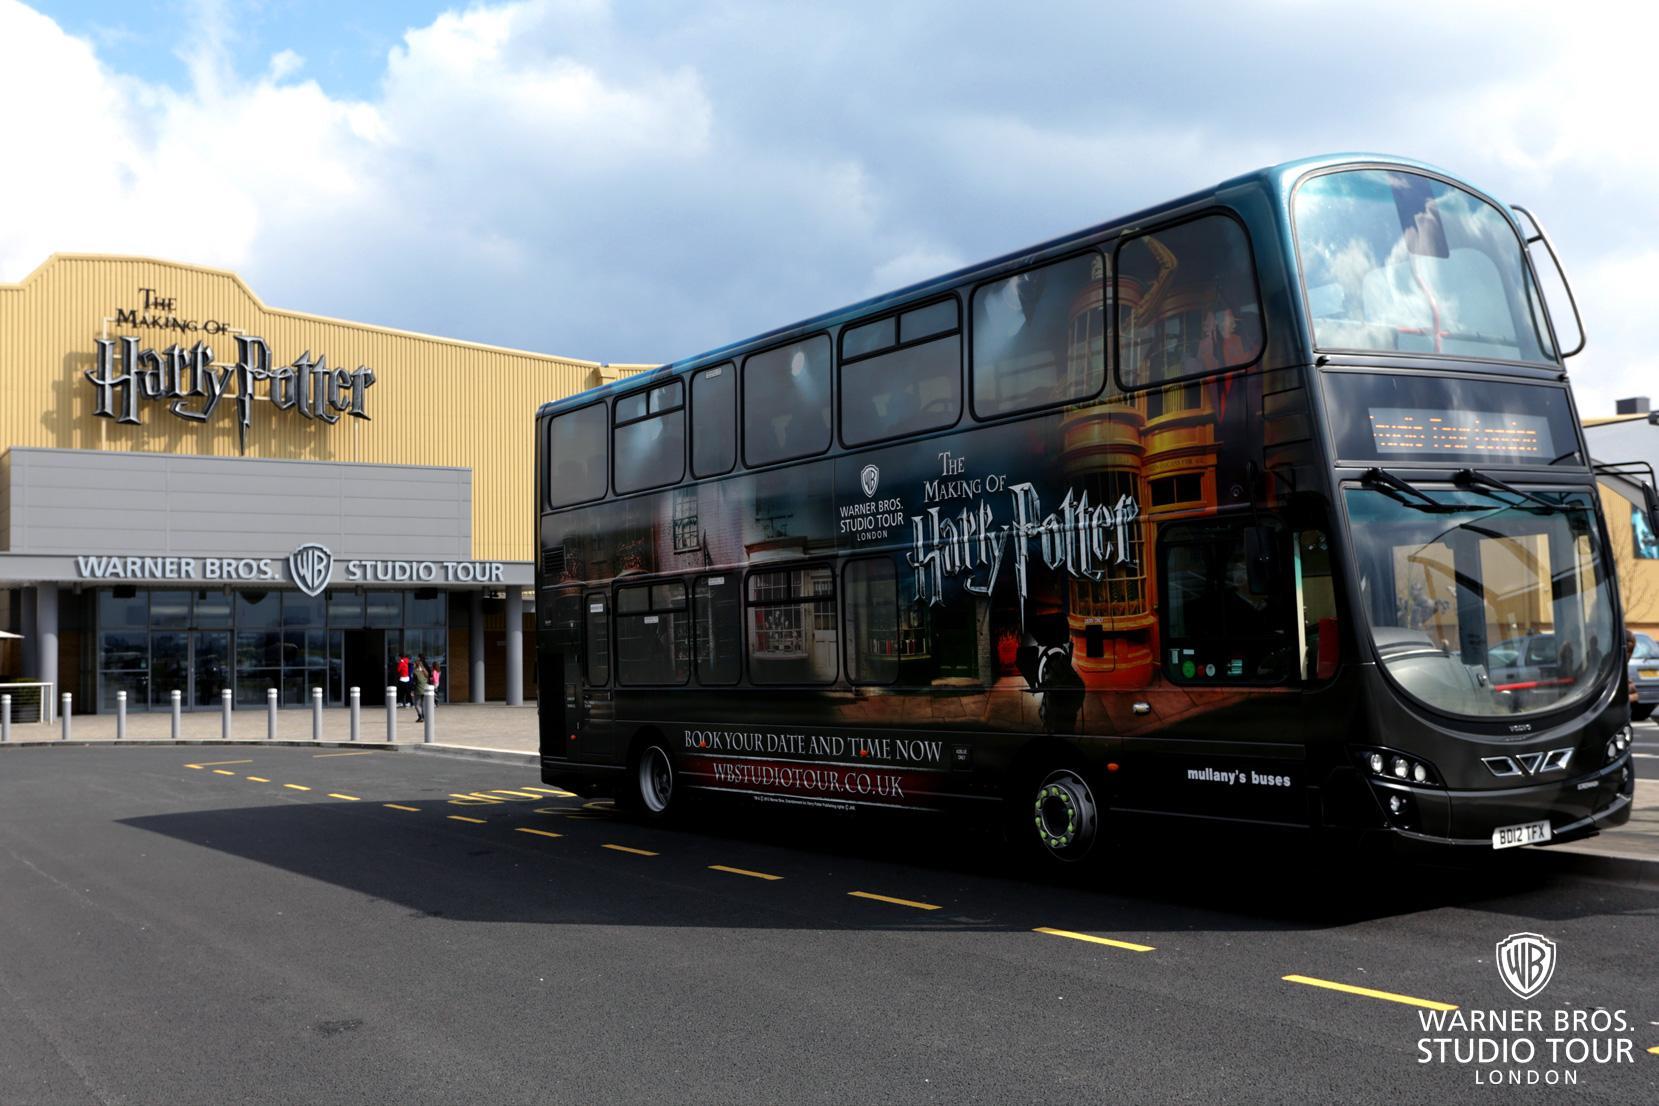 哈利波特影城製片場 購票和交通方式:哈利波特影城製片場的官方接駁shuttle巴士